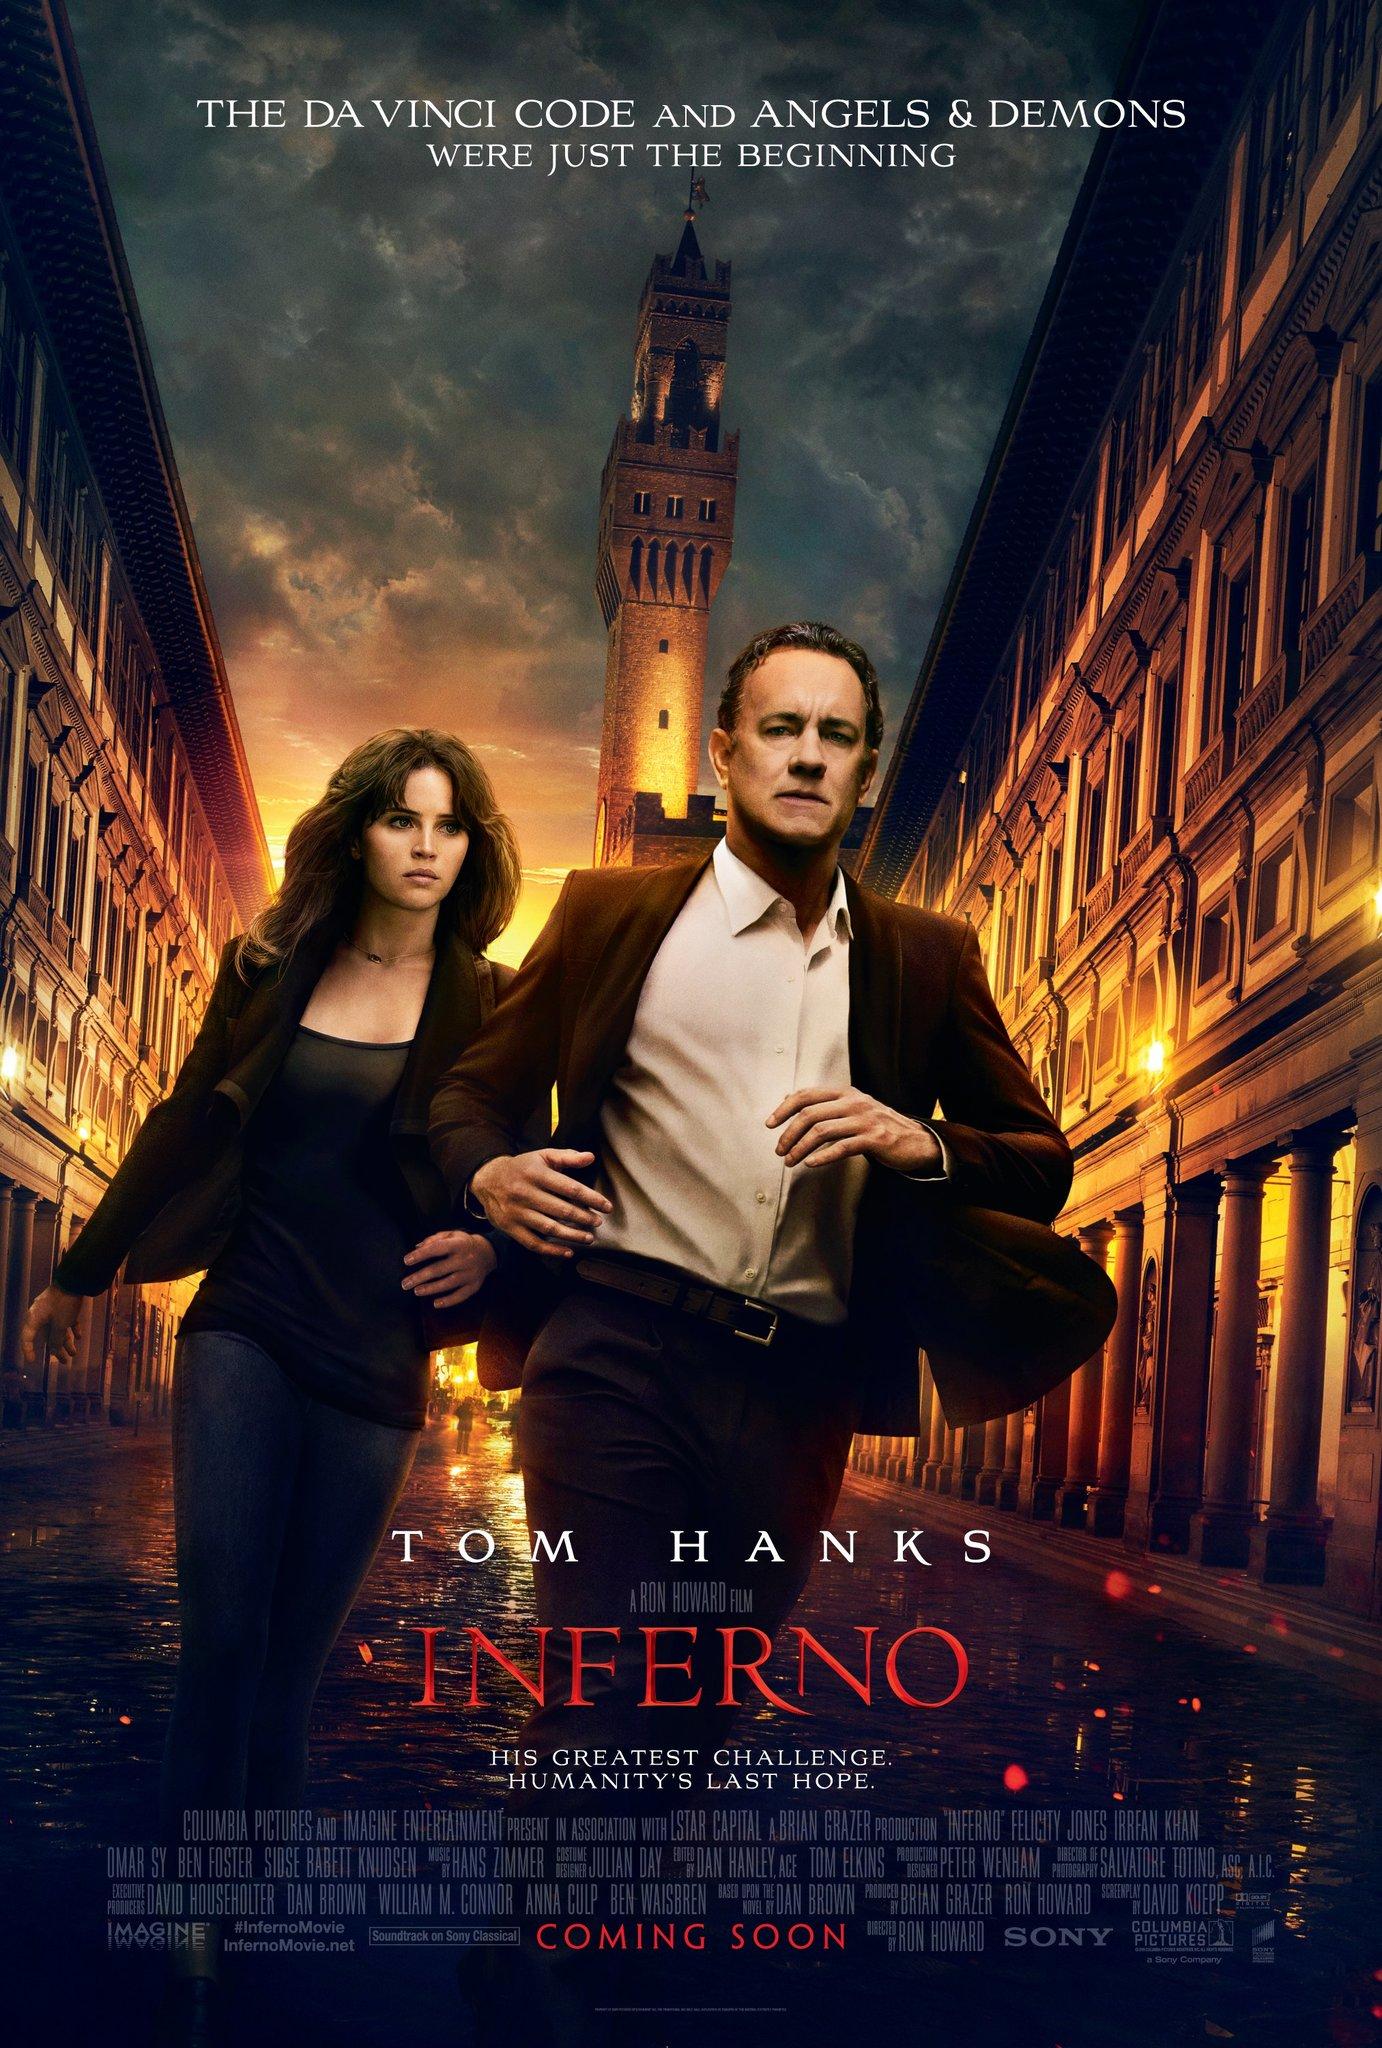 Inferno (2016) BluRay 480p, 720p, 1080p & 4K-2160p